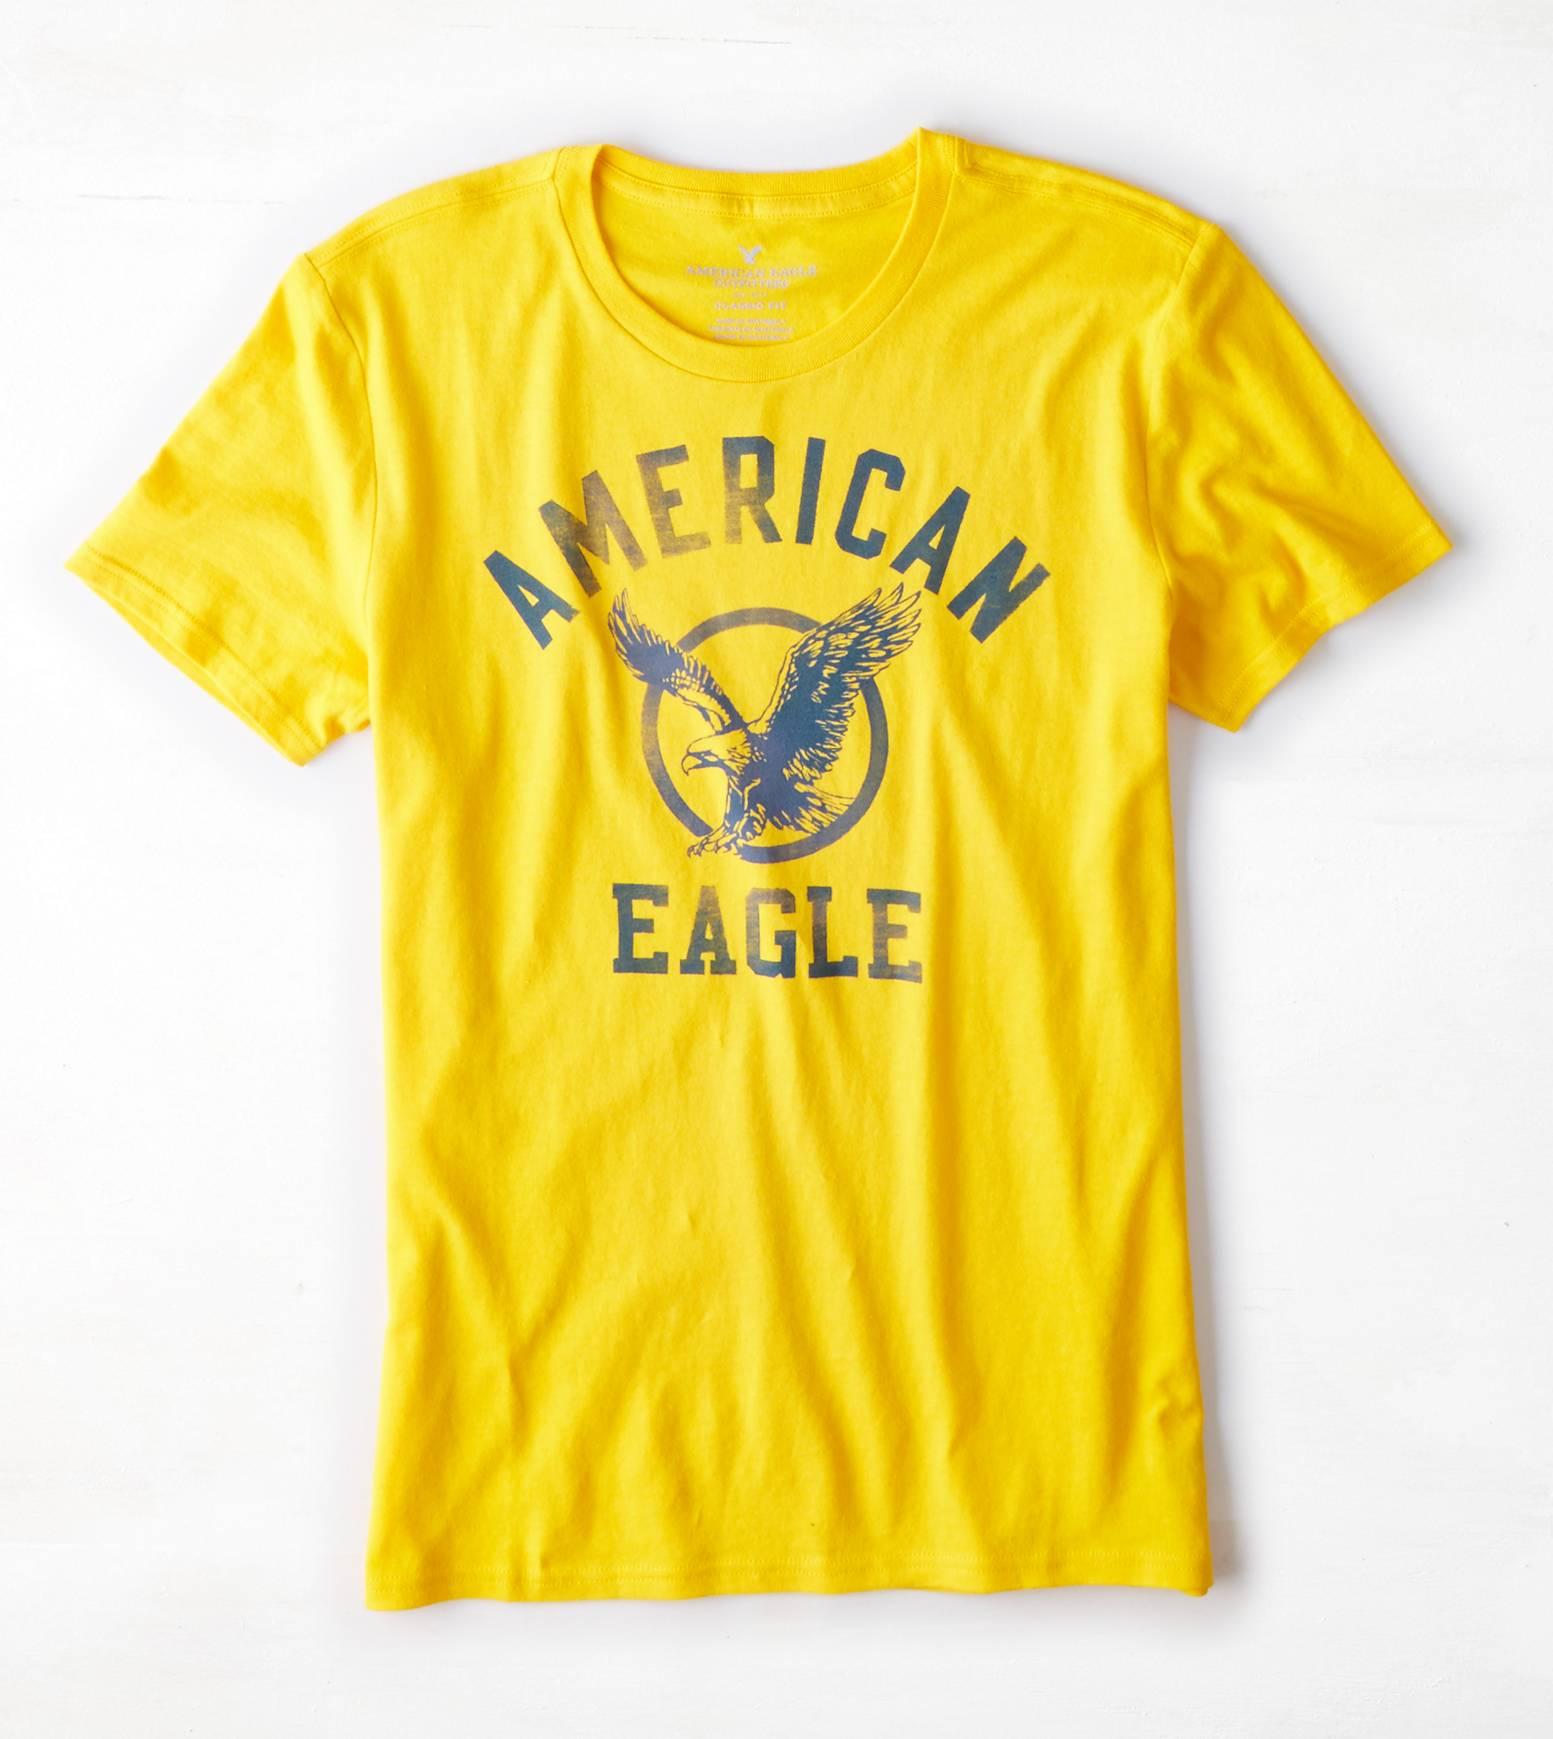 เสื้อยืดแฟชั่นผู้ชาย American Eagle Signature Graphic T-Shirt - Dijon